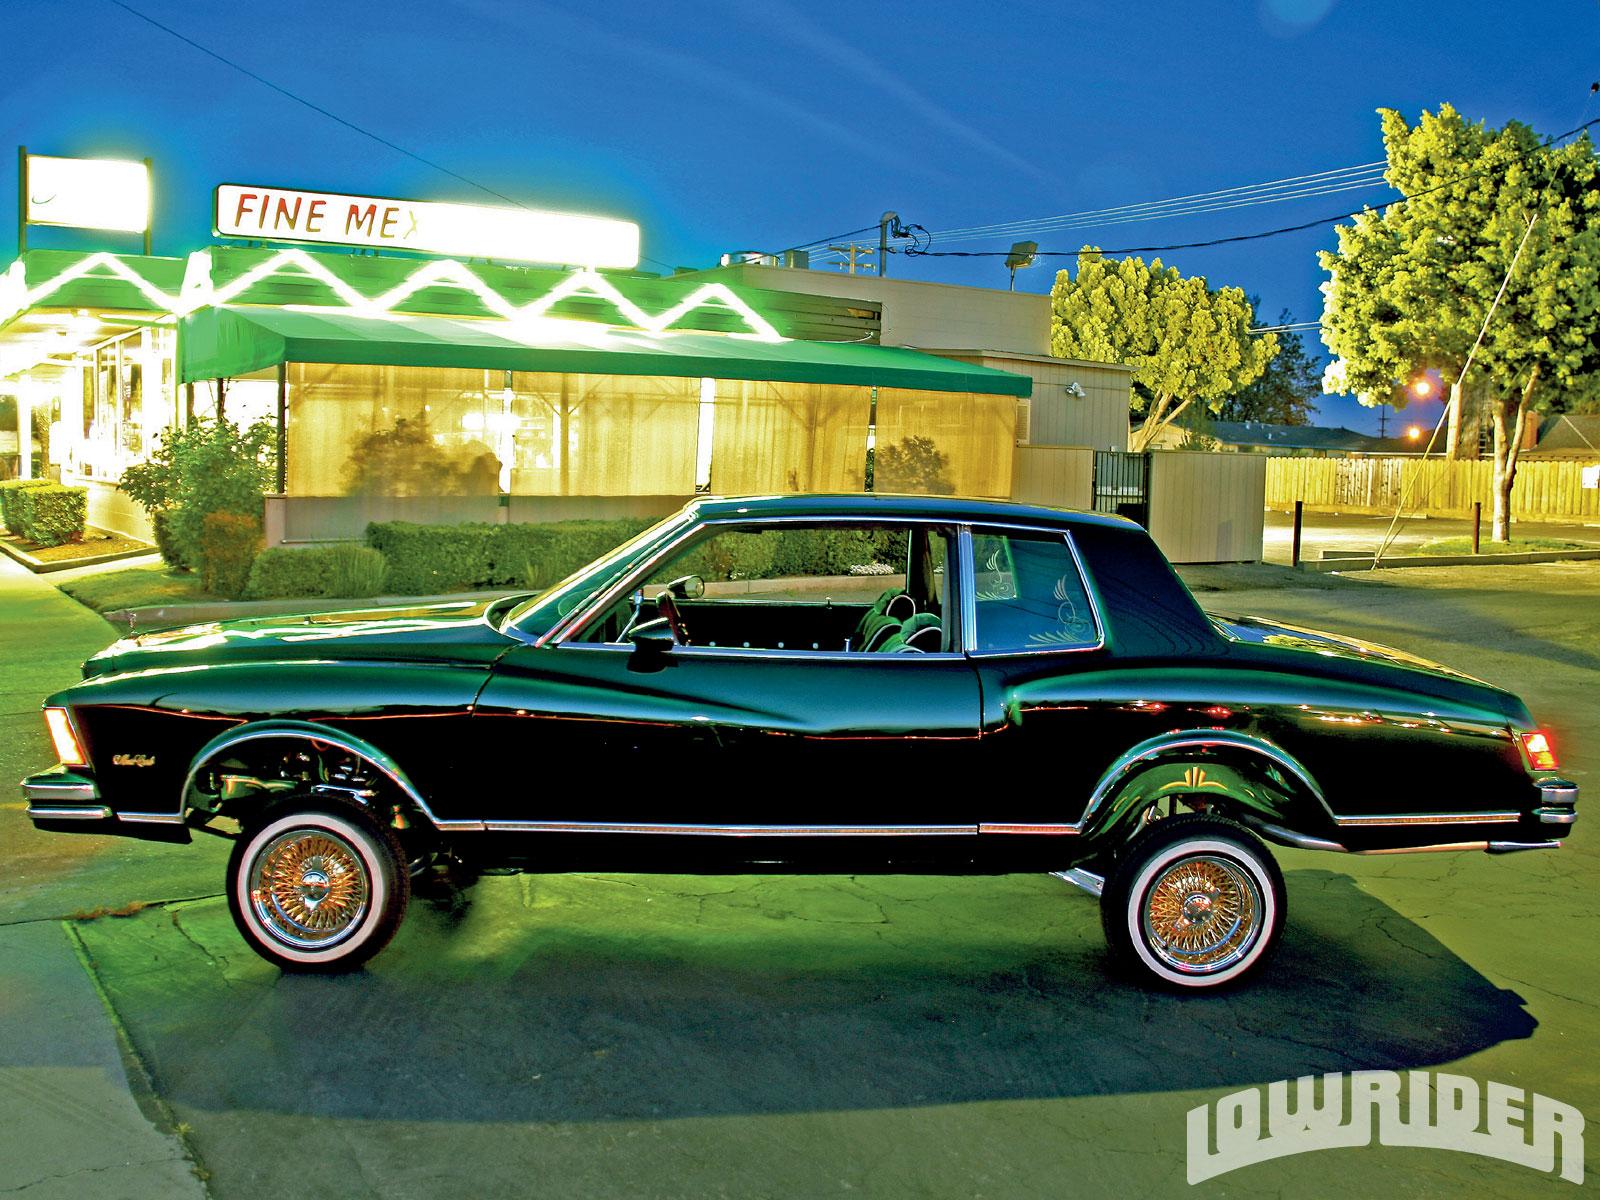 1979 Chevrolet Monte Carlo El Hulk